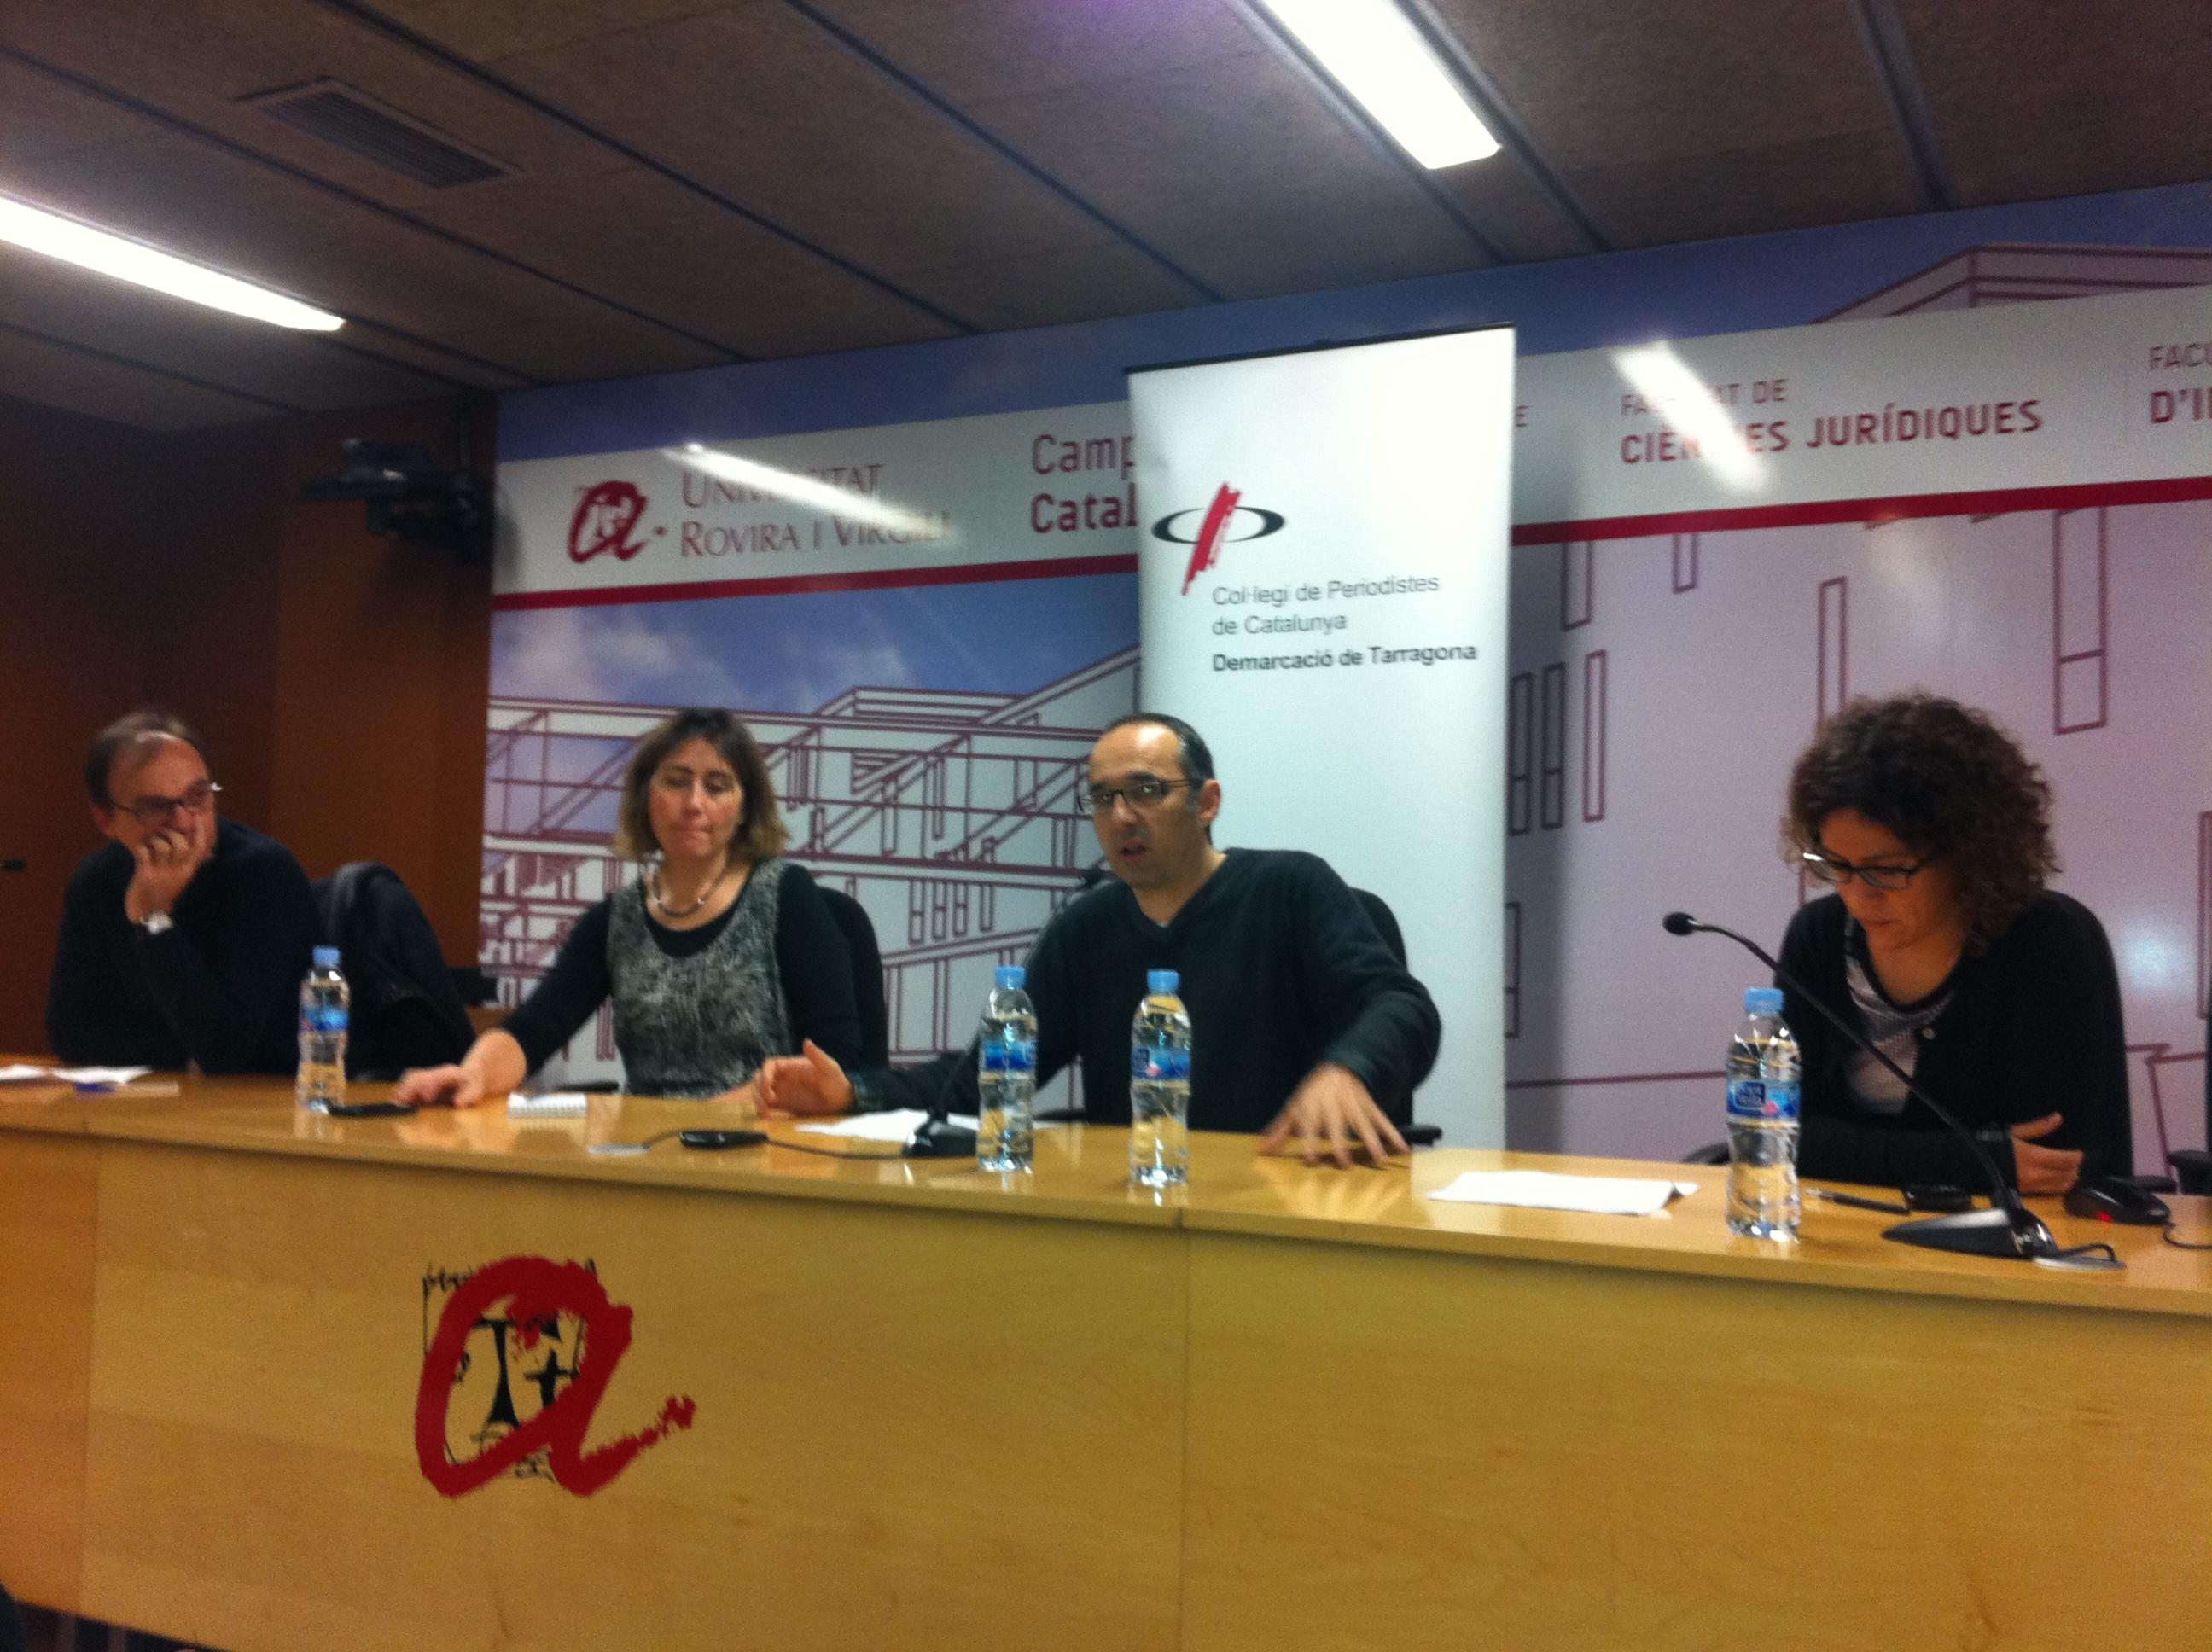 D'esquerra a dreta, Quicò Domènech, Sara Sans, Toni Orensanz i Ruth Troyano. (Foto: Col·legi de Periodistes)